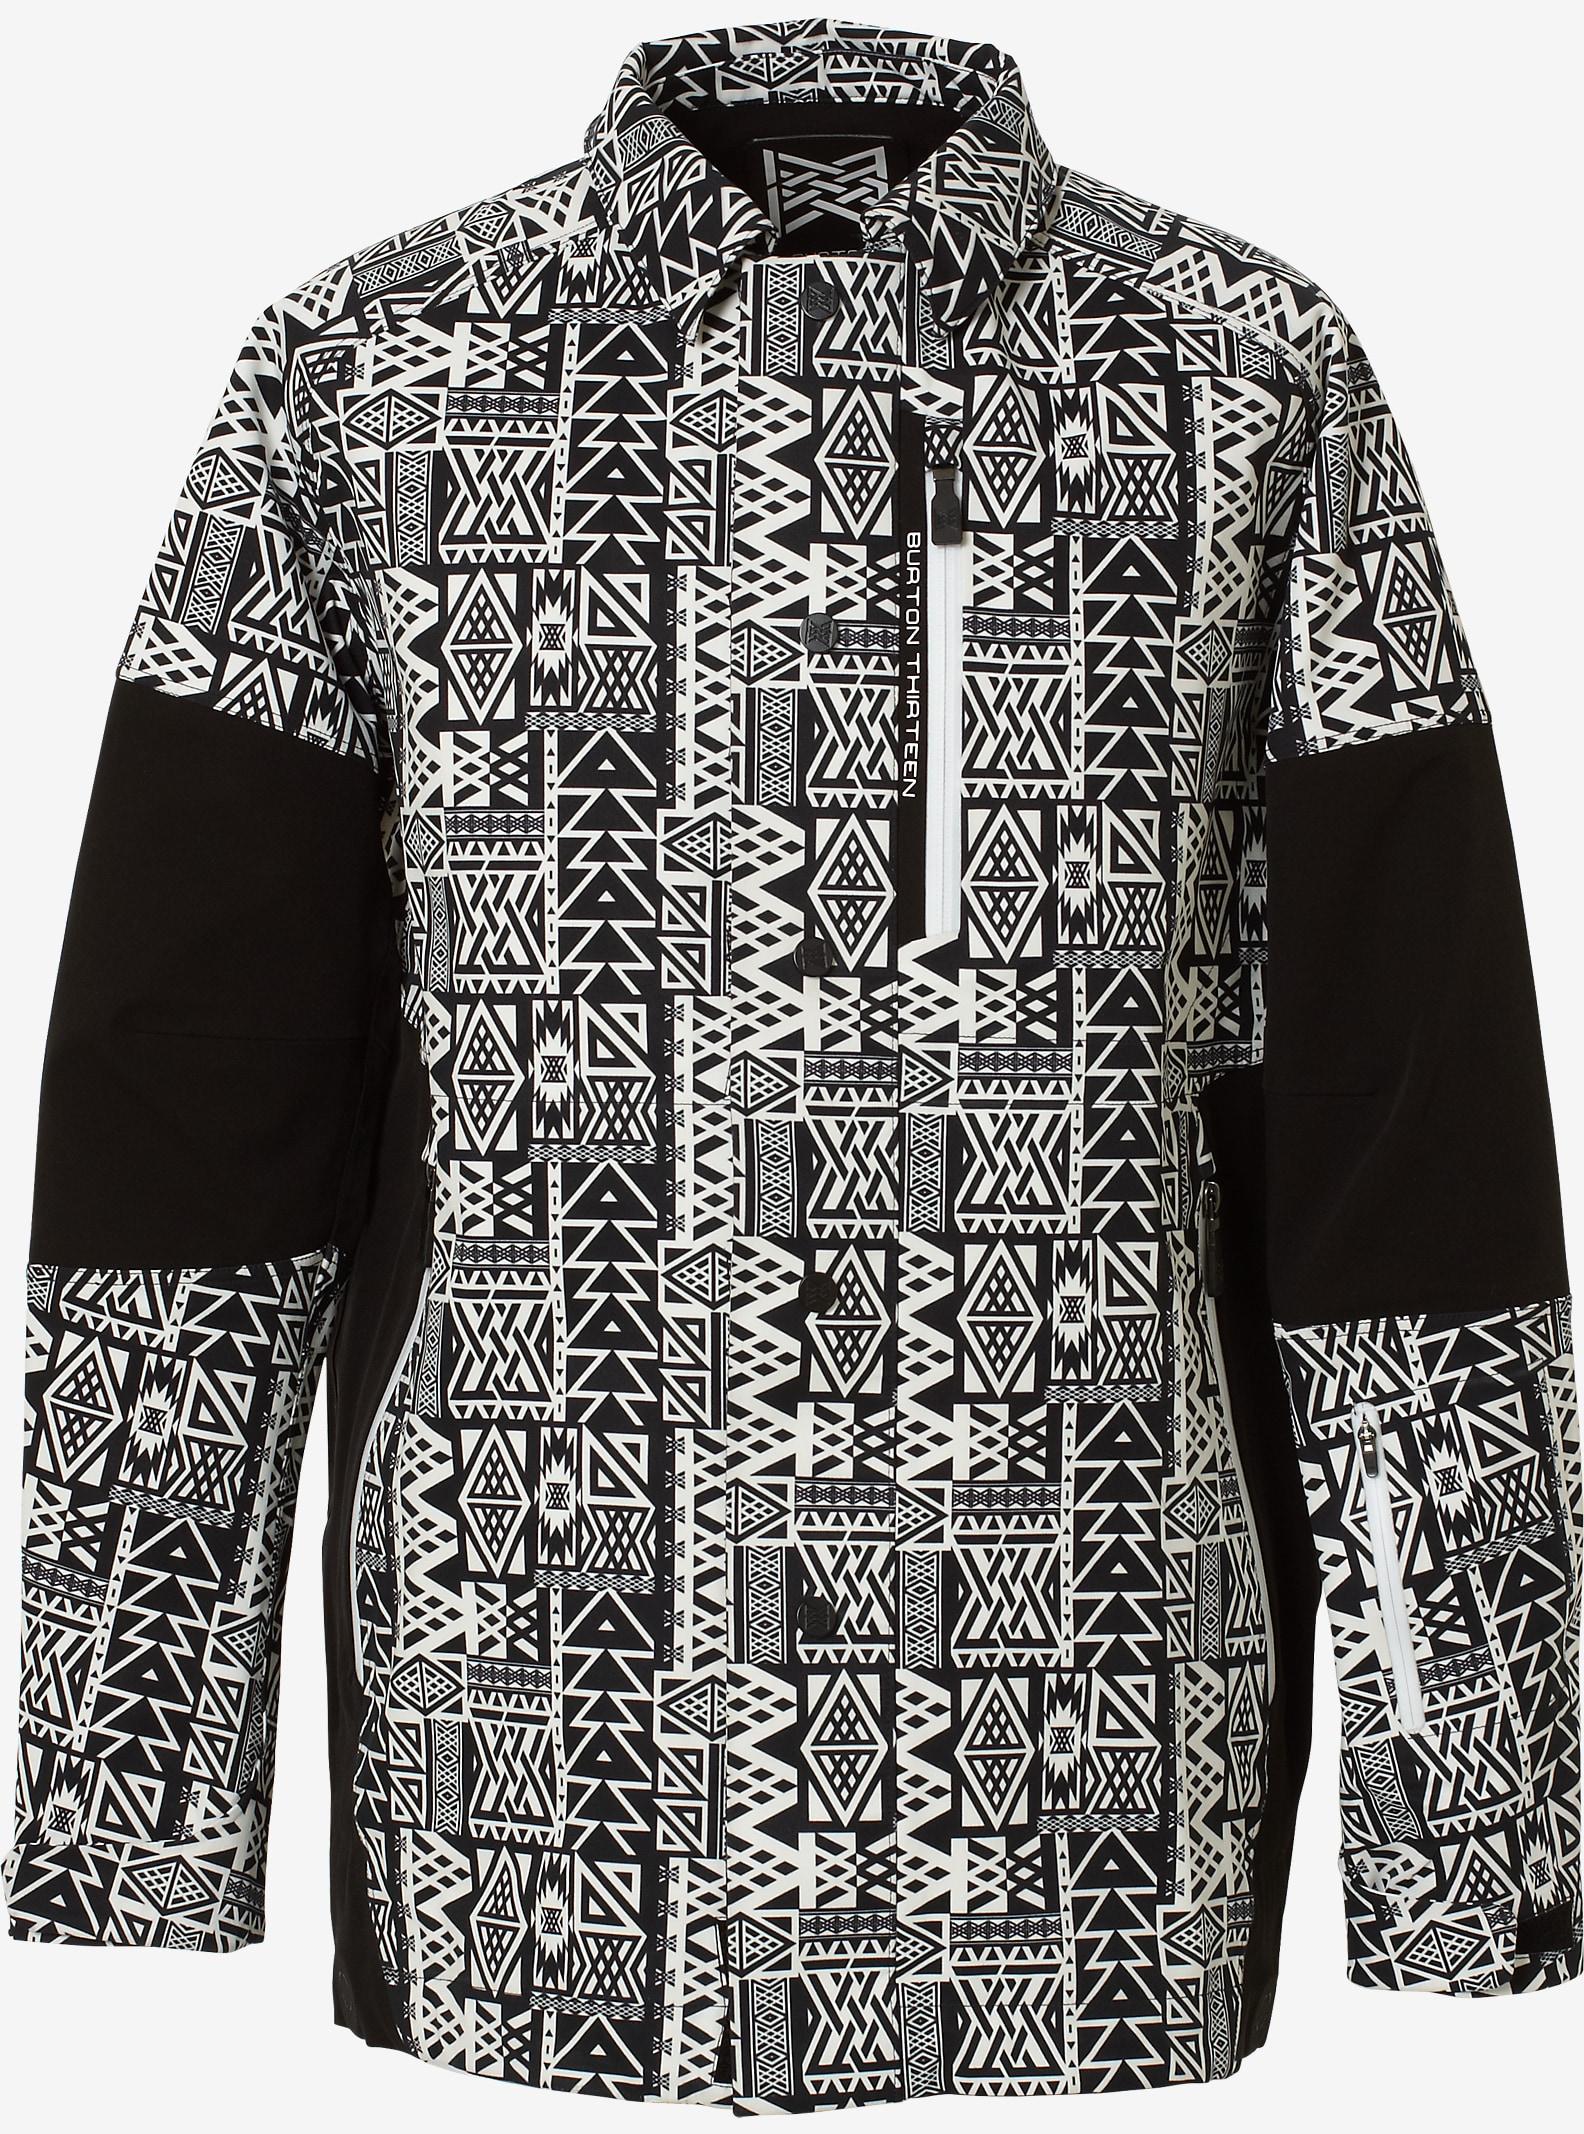 Burton THIRTEEN Diyugi Jacket shown in Prop Black